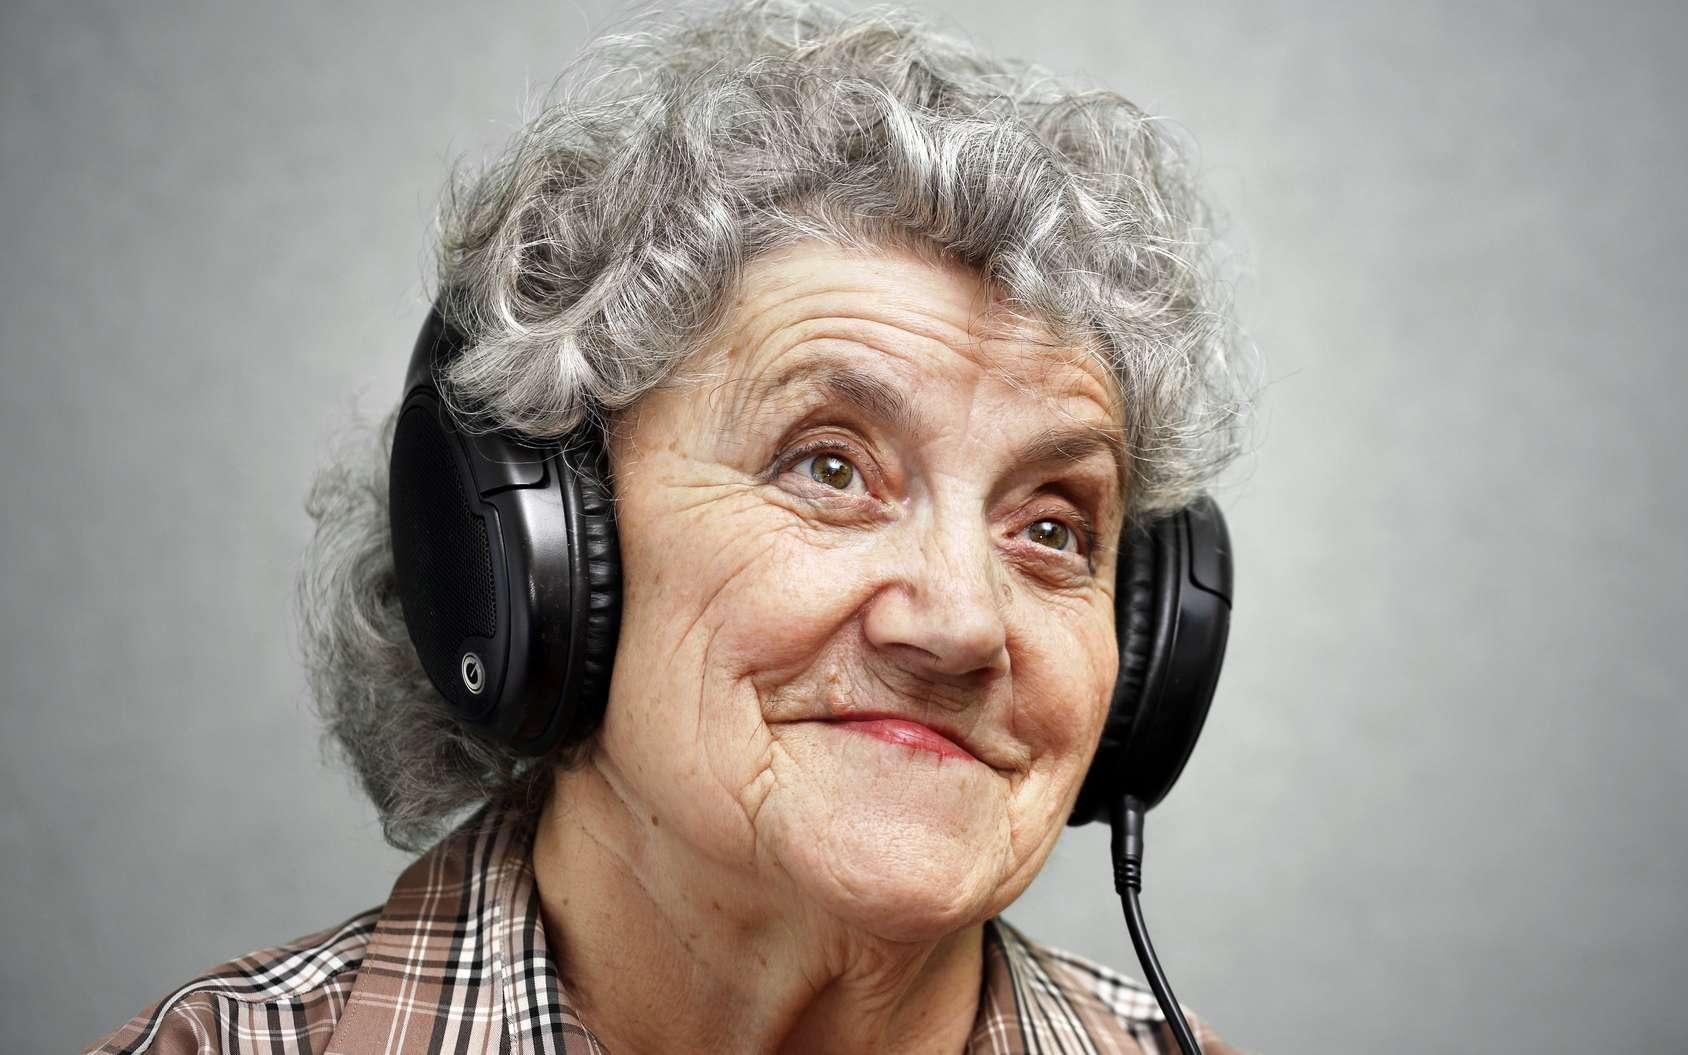 La musique aiderait les patients à réduire leurs traitements médicamenteux. © pavelkubarkov, Fotolia